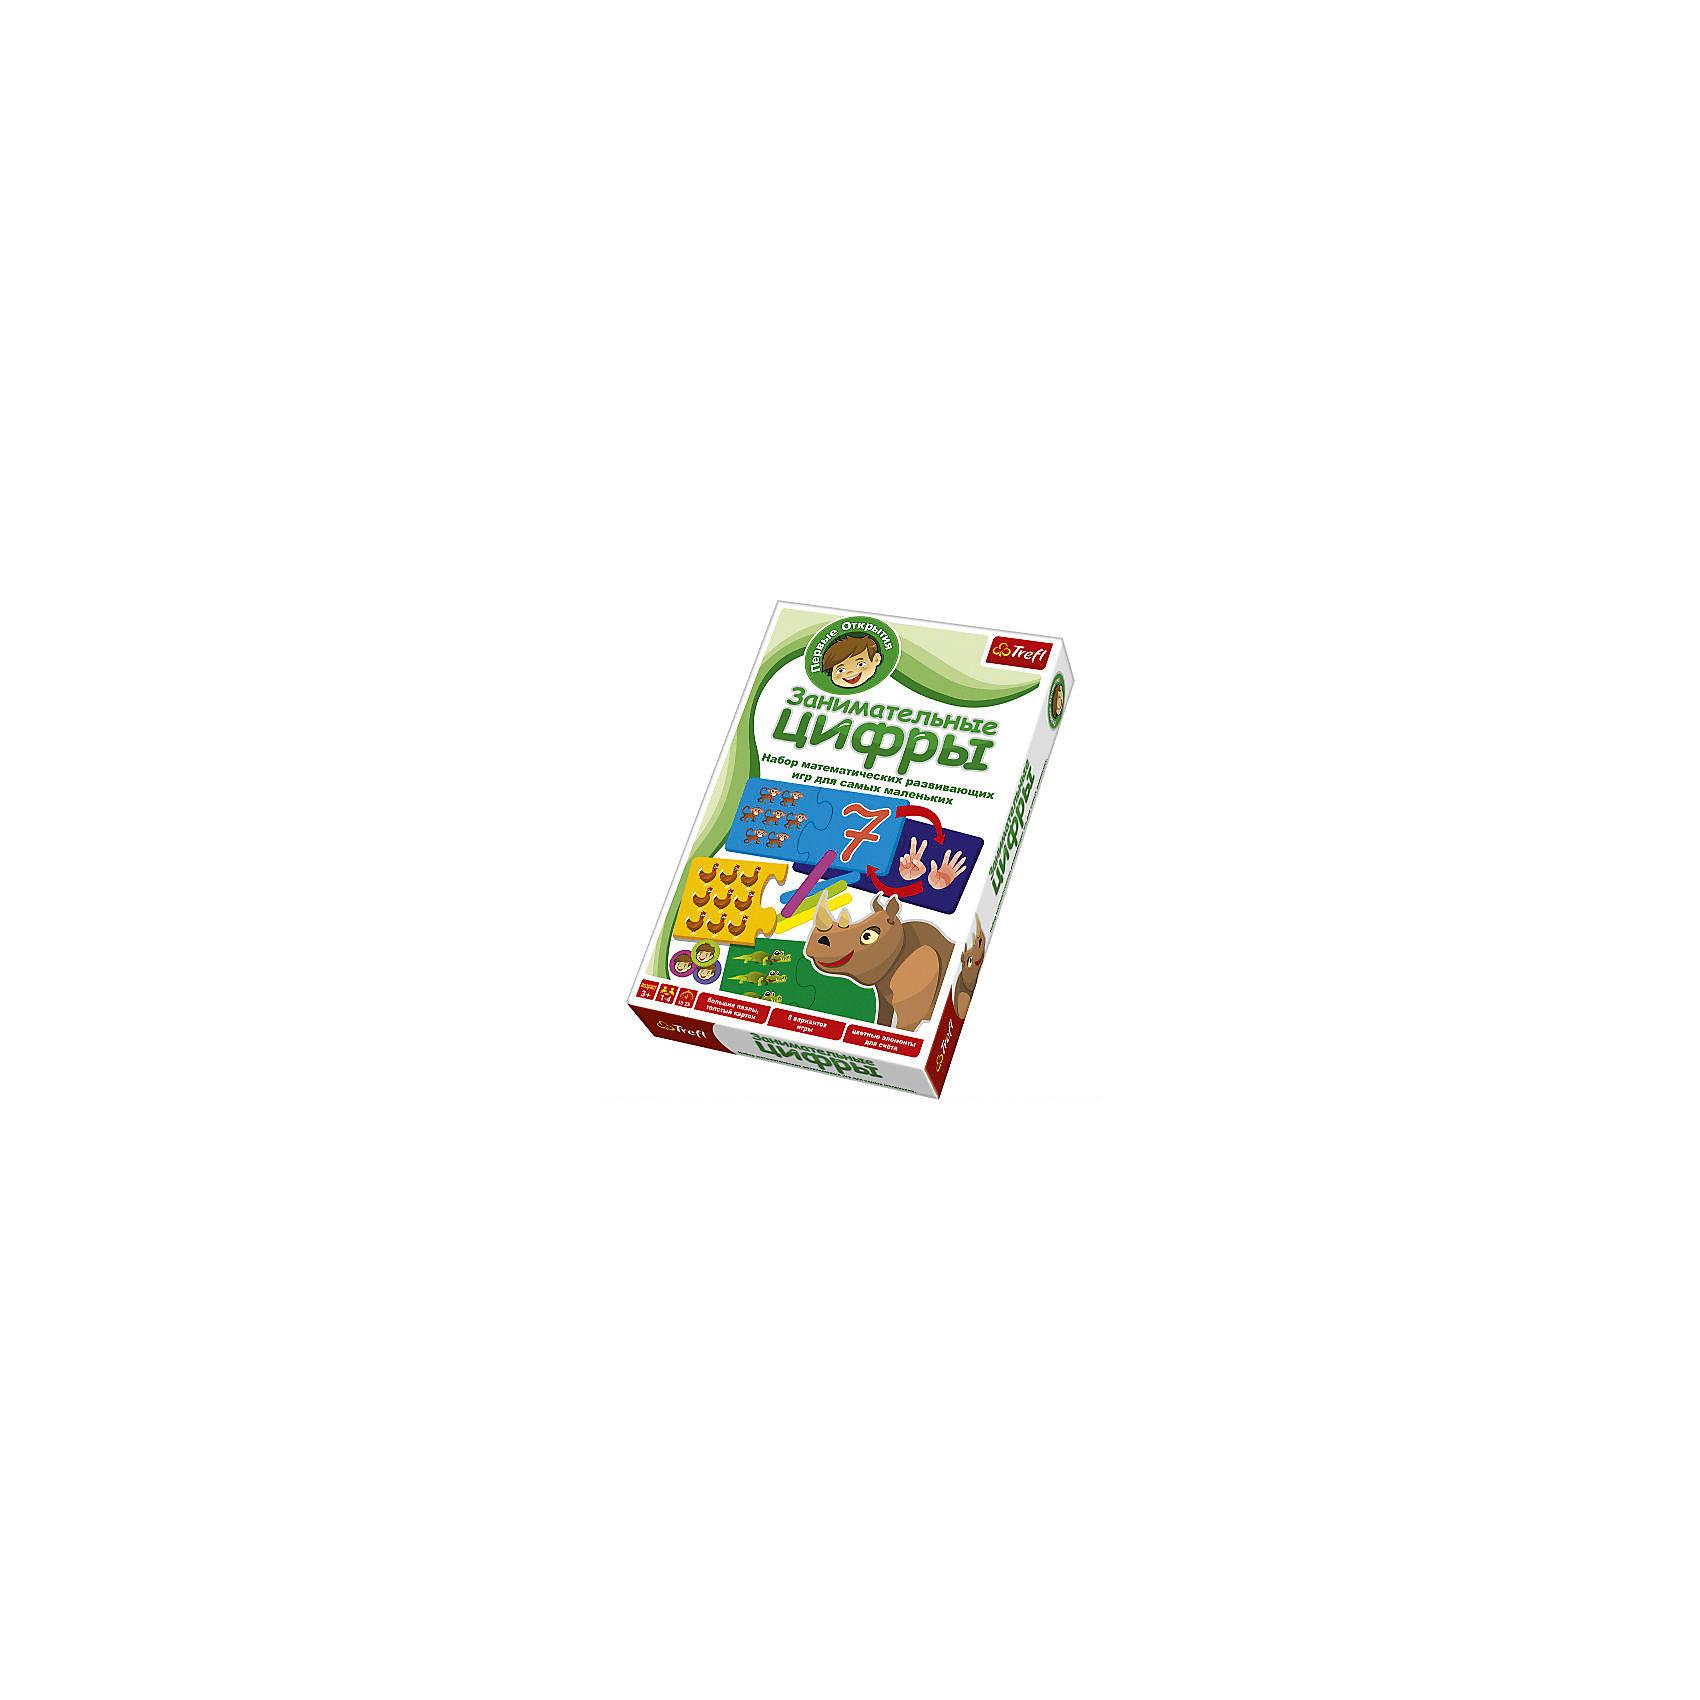 Игра Занимательные Цифры,  TreflПособия для обучения счёту<br>Игра Занимательные Цифры, Trefl - увлекательная развивающая игра, которая познакомит Вашего малыша с цифрами и основами арифметики, научит простейшим вычислениям. Данная игра входит в серию Первые открытия, в разработке которой принимал участие коллектив педагогов, филологов, логопедов, социологов и психологов и предназначенную для формирования у ребенка навыков, необходимых ему перед школой. В игре могут участвовать от 1 до 4 игроков. В наборе Вы найдете 10 двойных двусторонних карточек-пазлов, на одной части которых изображена цифра, а на другой картинка. В инструкции представлено 8 различных вариантов игры, от самых простых до самых сложных. Например, в игре Найди равенство маленьким игрокам предстоит соотнести цифру, изображенную на одной части карточки, с правильным количеством животных, нарисованных на другой части пазла. Участник, который первым нашел нужную половинку, получает карточку. Тот кто соберет больше всех карточек становится победителем. <br><br>Дополнительная информация:<br><br>- Серия: Первые открытия.<br>- В комплекте: 10 двойных двусторонних карточек-пазлов, цветные элементы для счета, инструкция к игре.<br>- Материал: бумага, картон.<br>- Размер упаковки: 28,8 х 19,3 х 4,1 см.<br>- Вес: 0,42 кг.<br><br>Игра Занимательные Цифры, Trefl, можно купить в нашем интернет-магазине.<br><br>Ширина мм: 288<br>Глубина мм: 193<br>Высота мм: 193<br>Вес г: 420<br>Возраст от месяцев: 36<br>Возраст до месяцев: 60<br>Пол: Унисекс<br>Возраст: Детский<br>SKU: 4043685